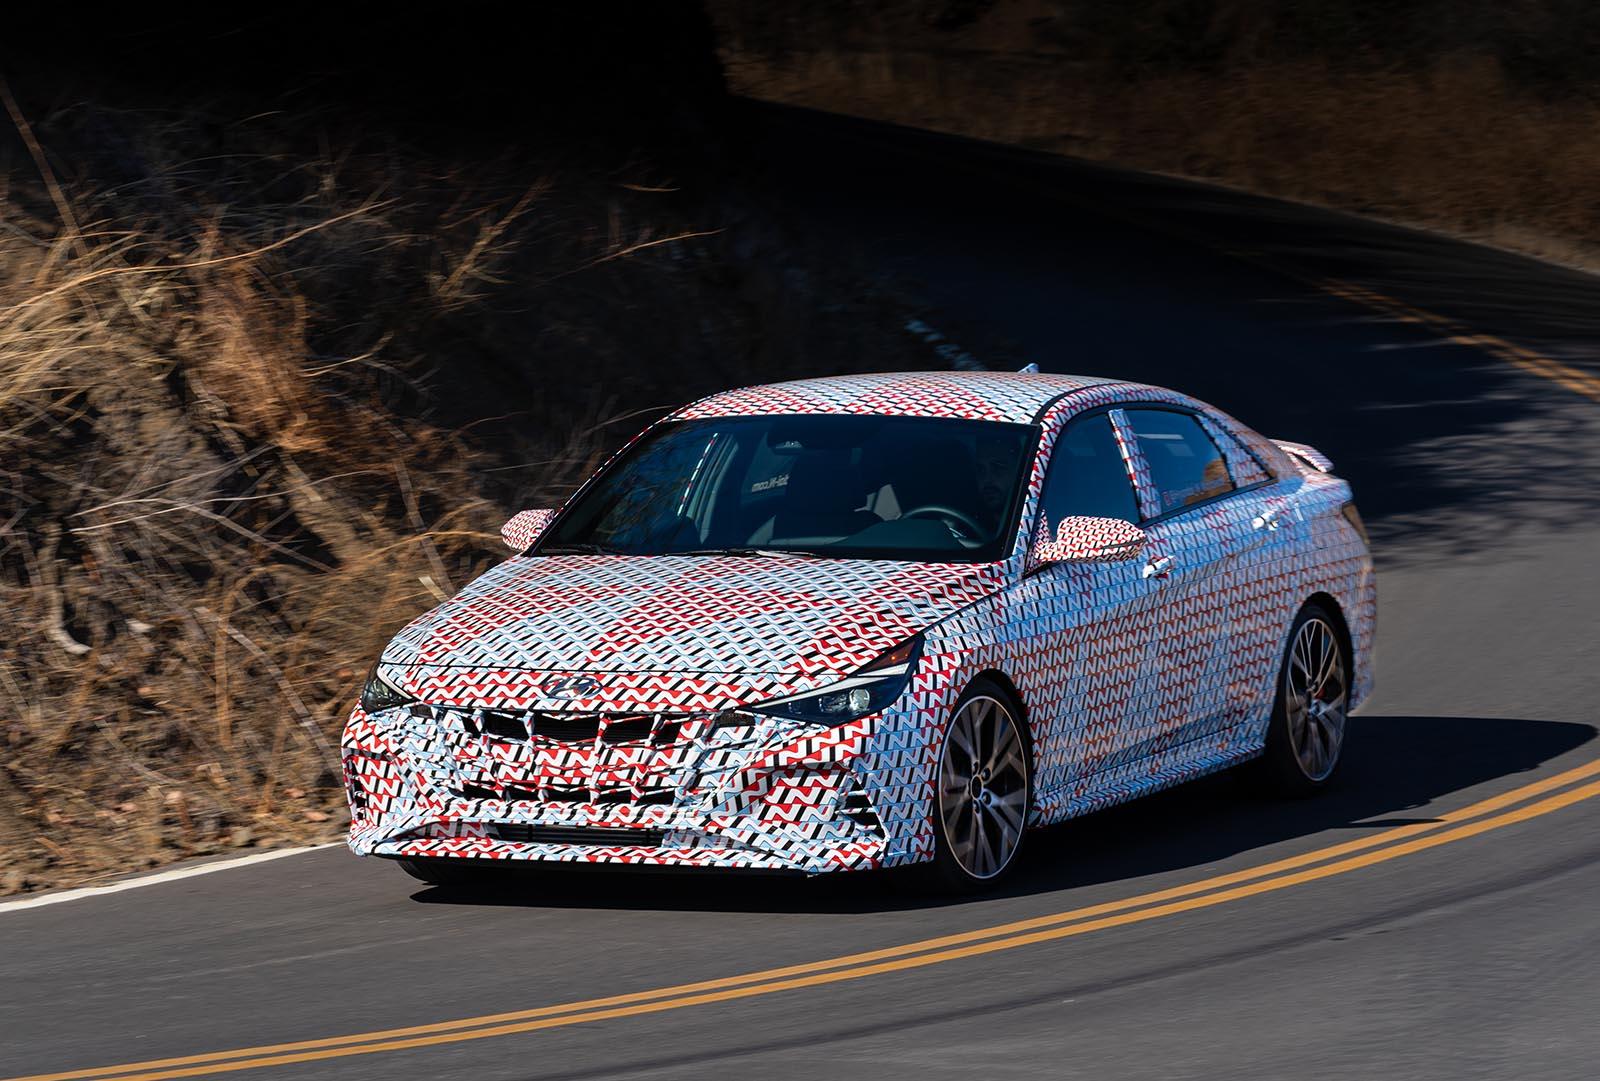 2022 Hyundai Elantra N in camo